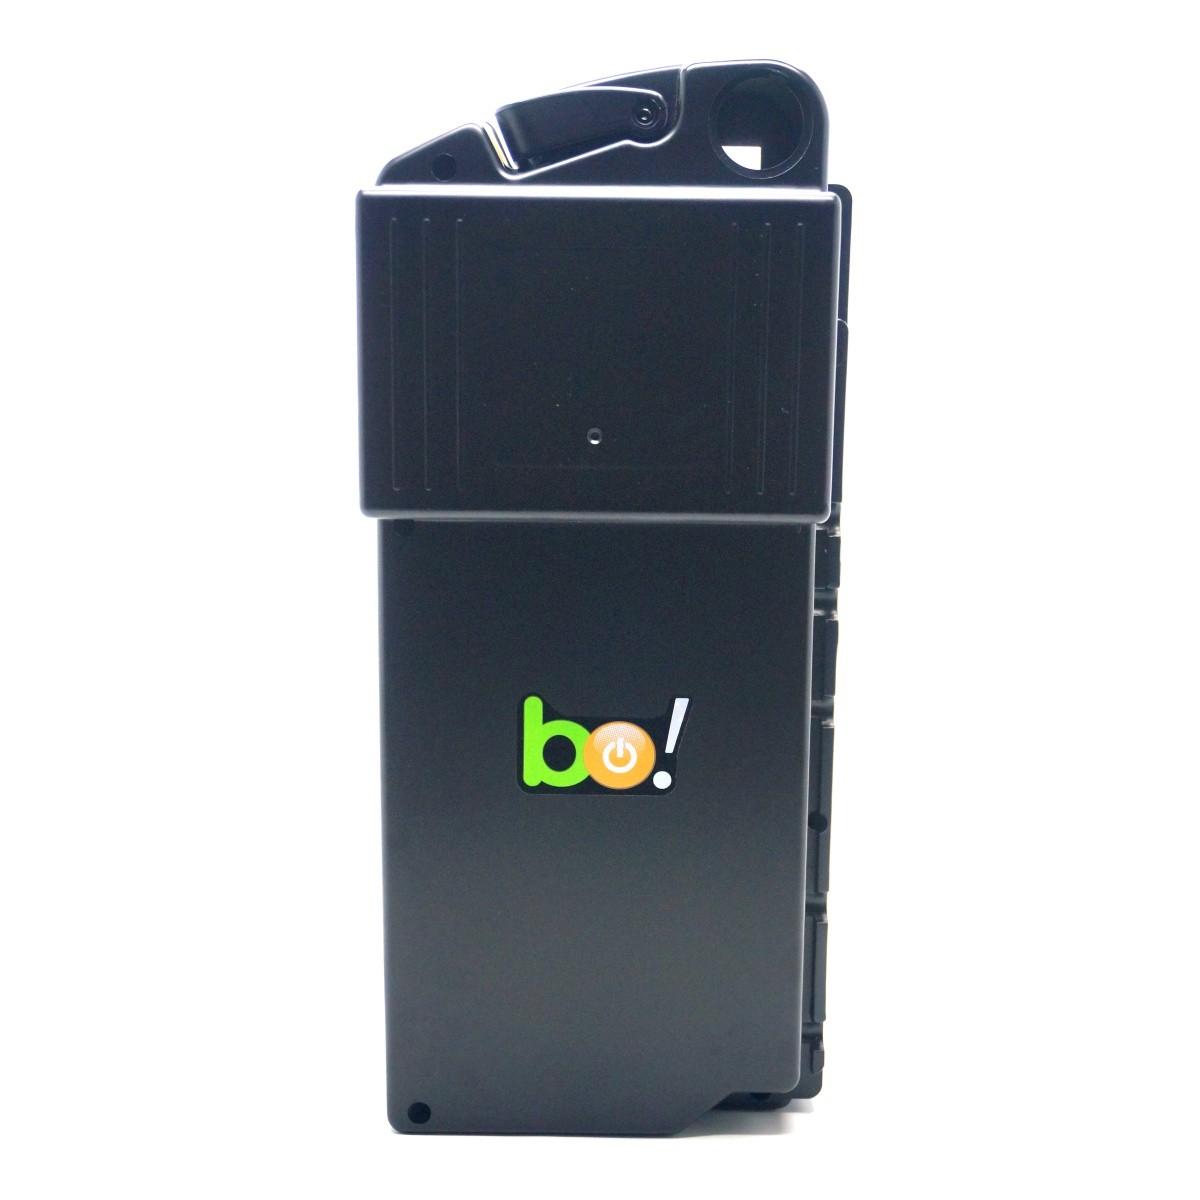 Caixa de Bateria CONFORT (Sem Componentes) | Cor: Preto